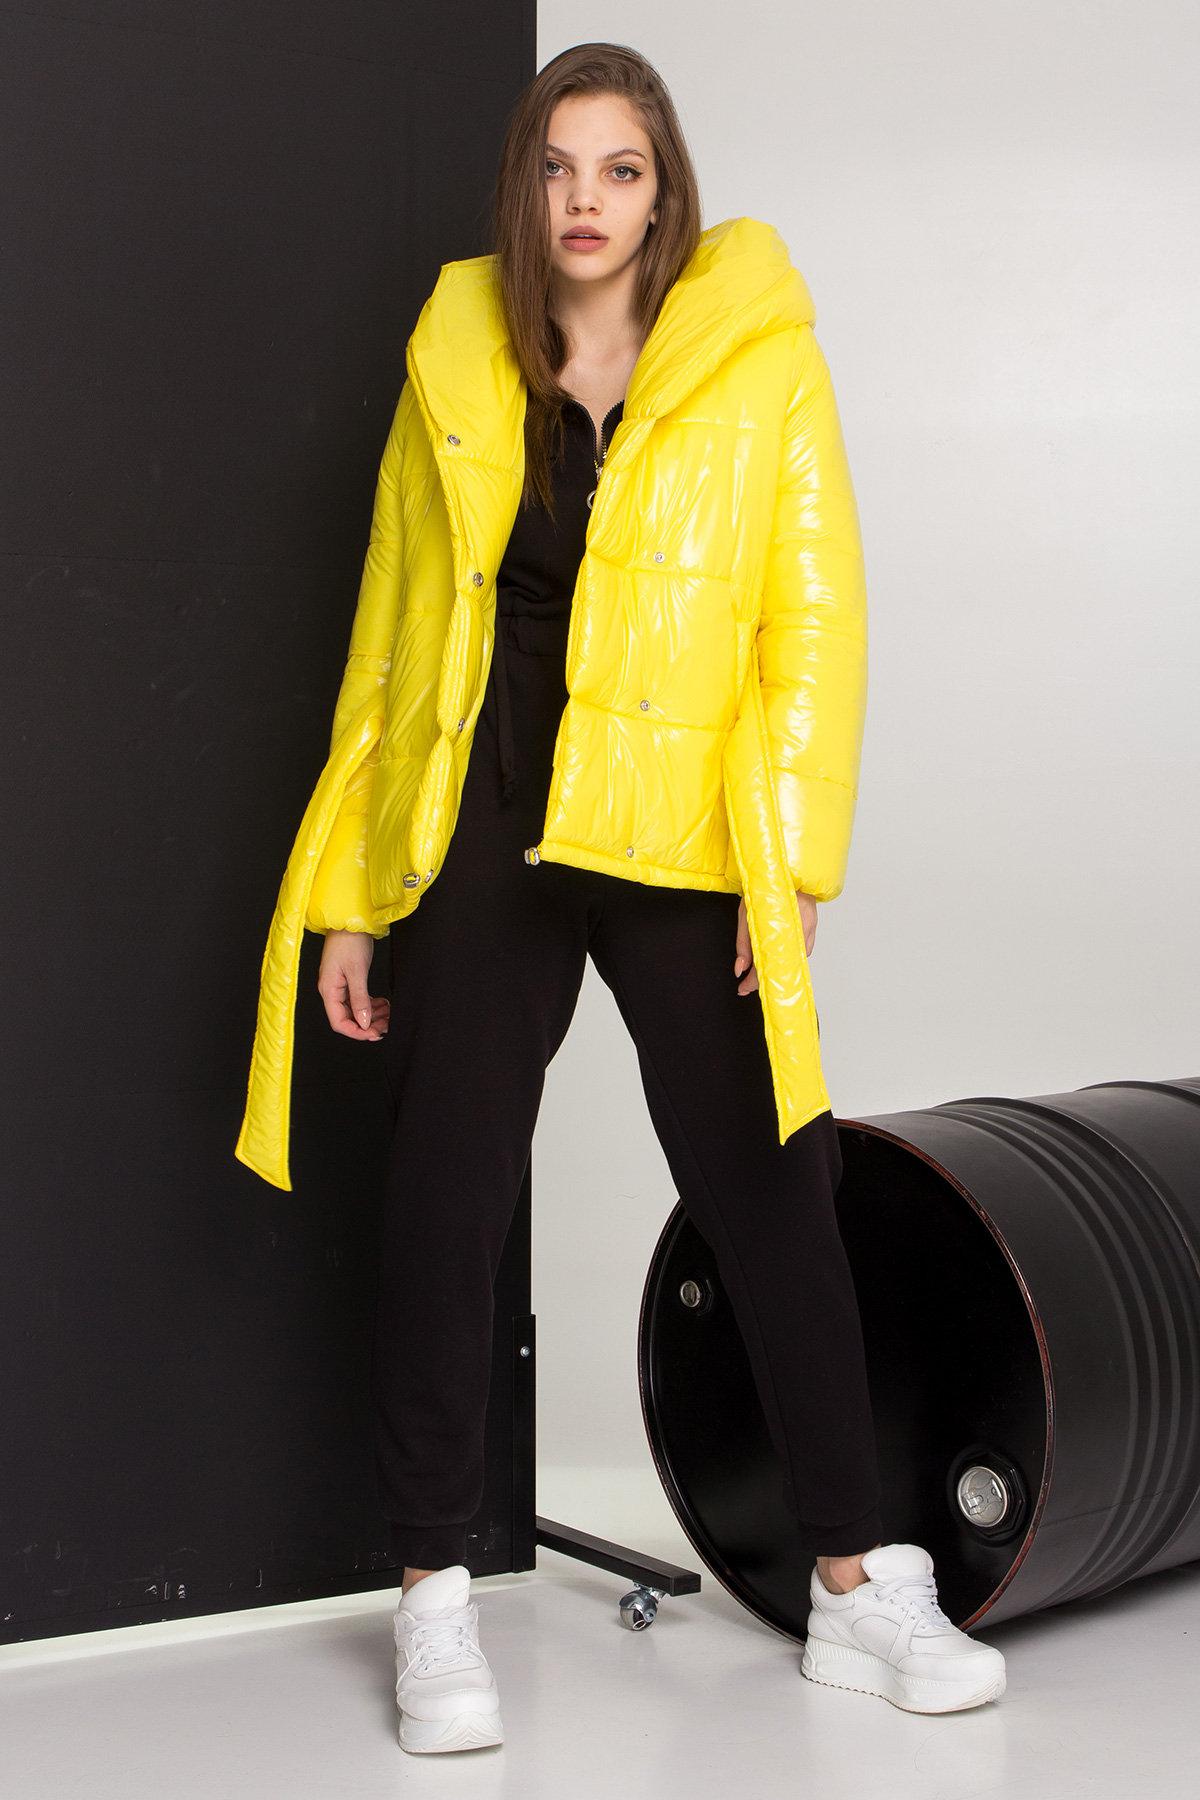 Лаковая куртка пуховик с поясом Бумер 8696 АРТ. 45243 Цвет: т.серый/желтый/черный - фото 1, интернет магазин tm-modus.ru